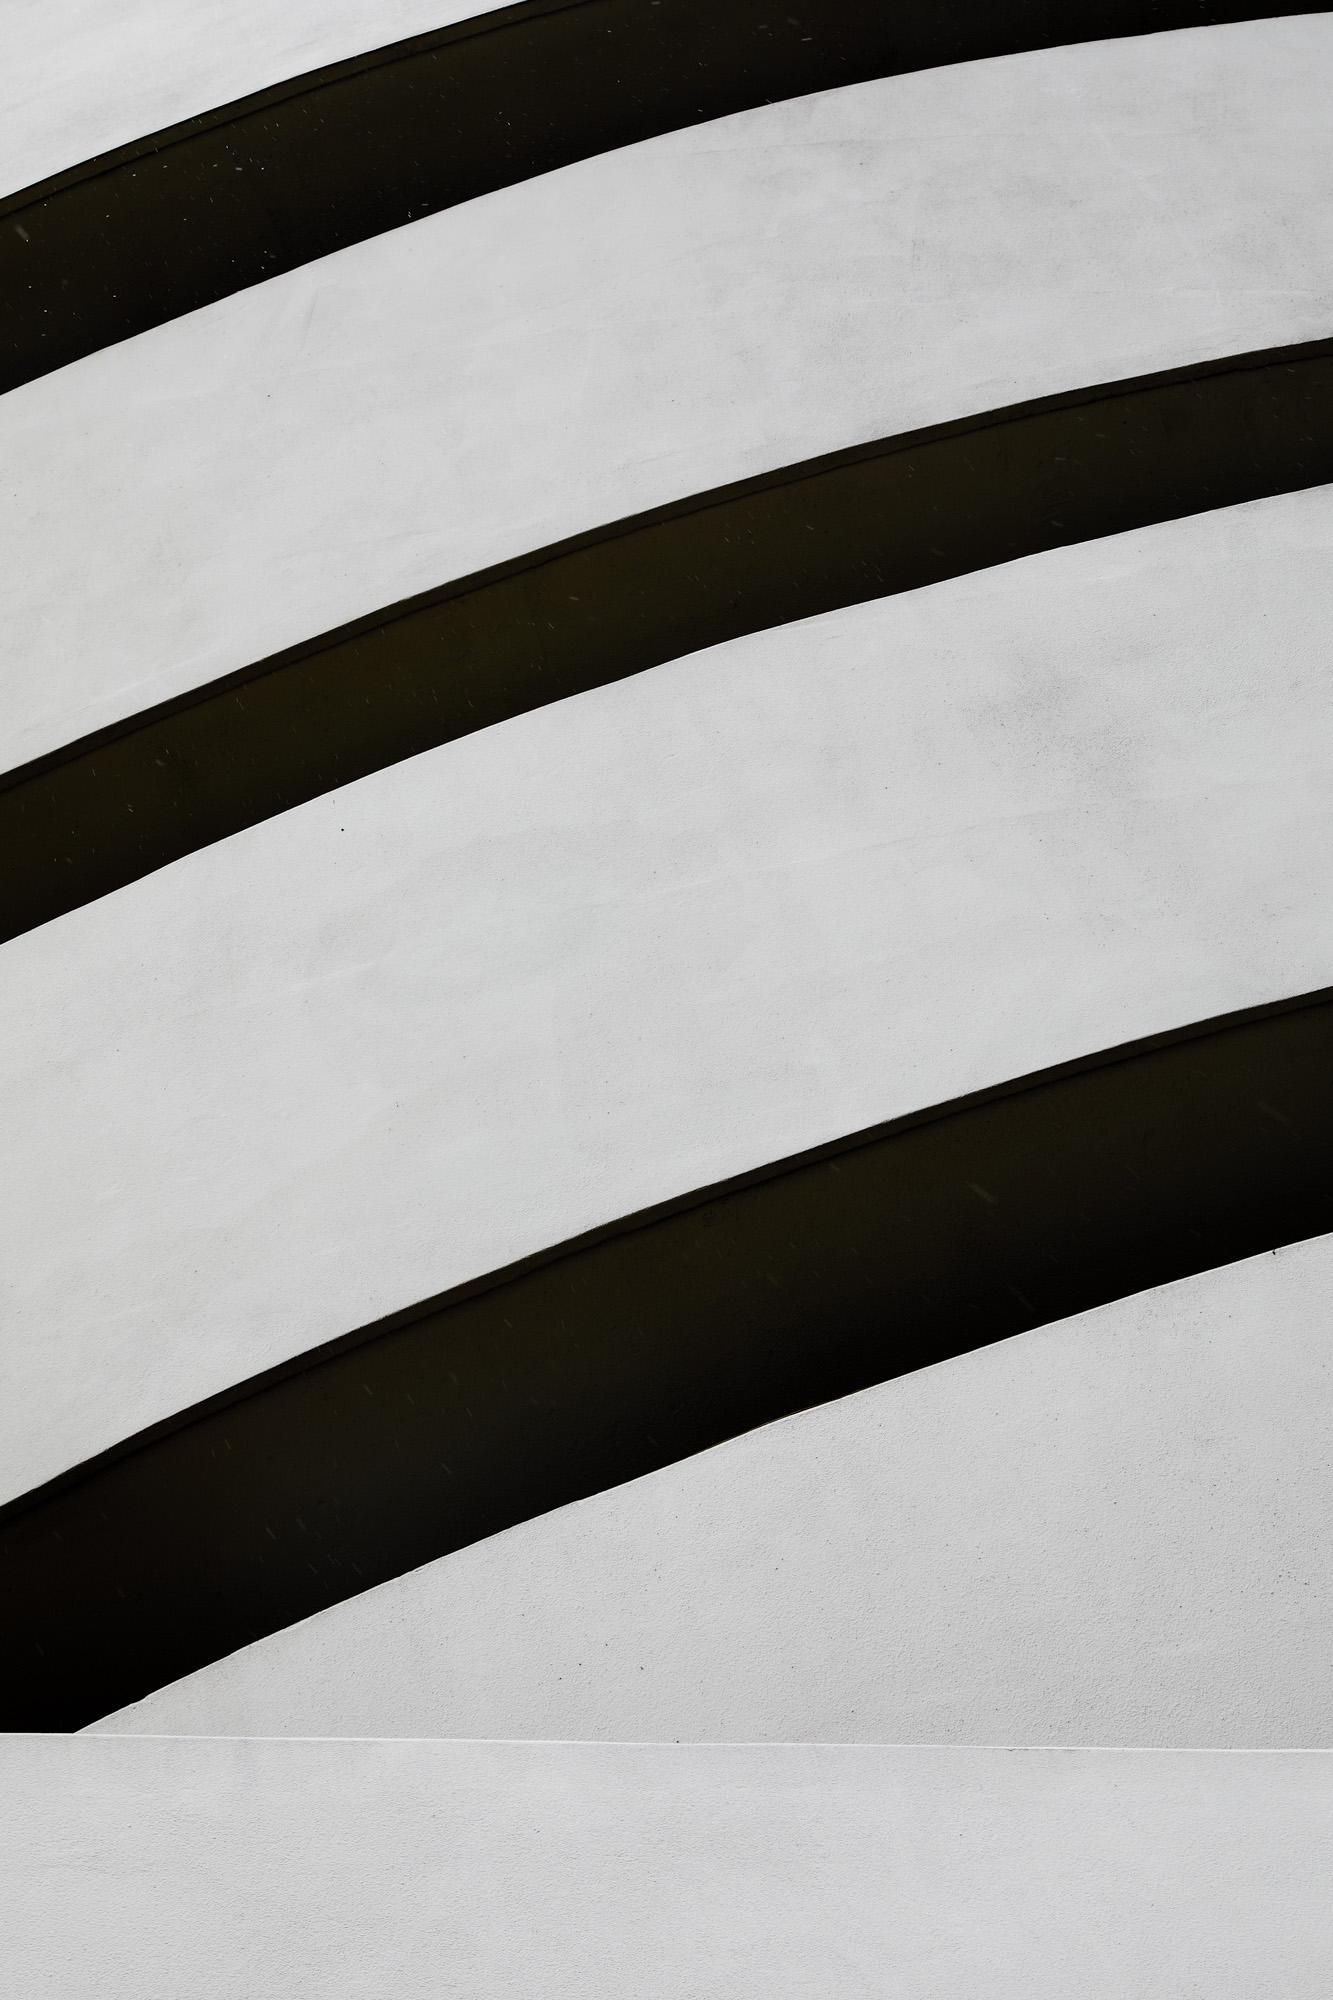 kyrani-kanavaros-new-york-photography-19.jpg